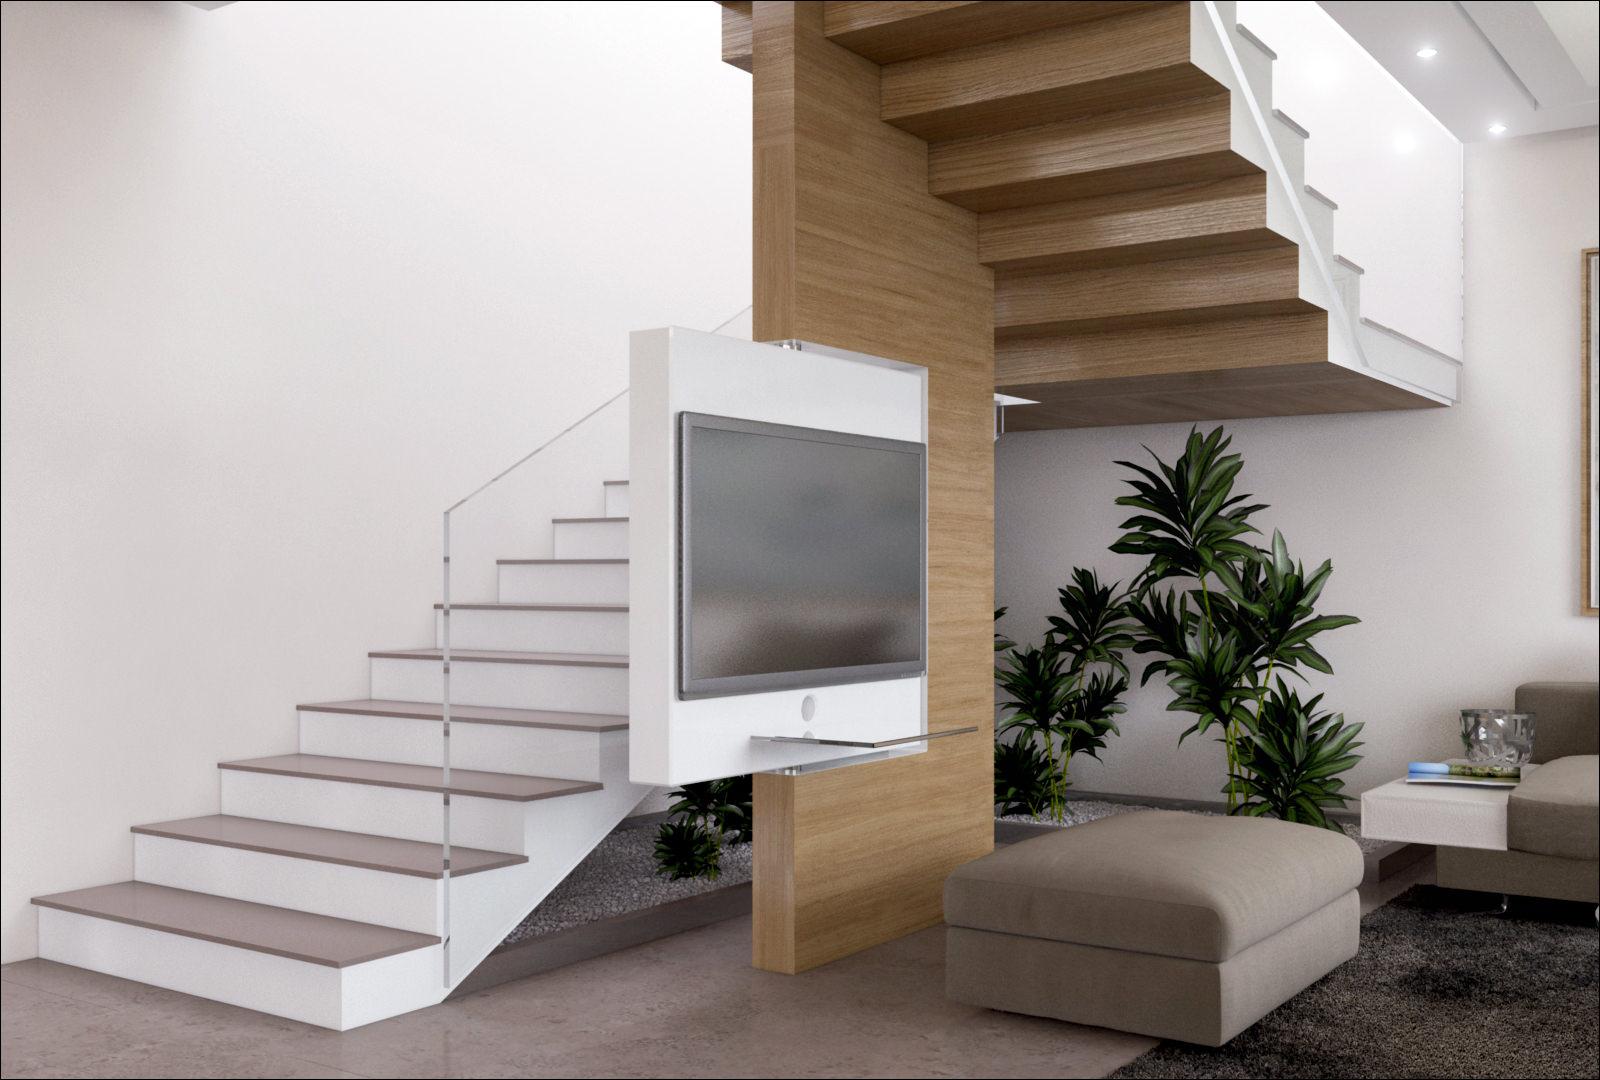 à l'aide d'une campagne d email marketing pour architecte d'intérieur, le designer peut diffuser ses concepts innovants